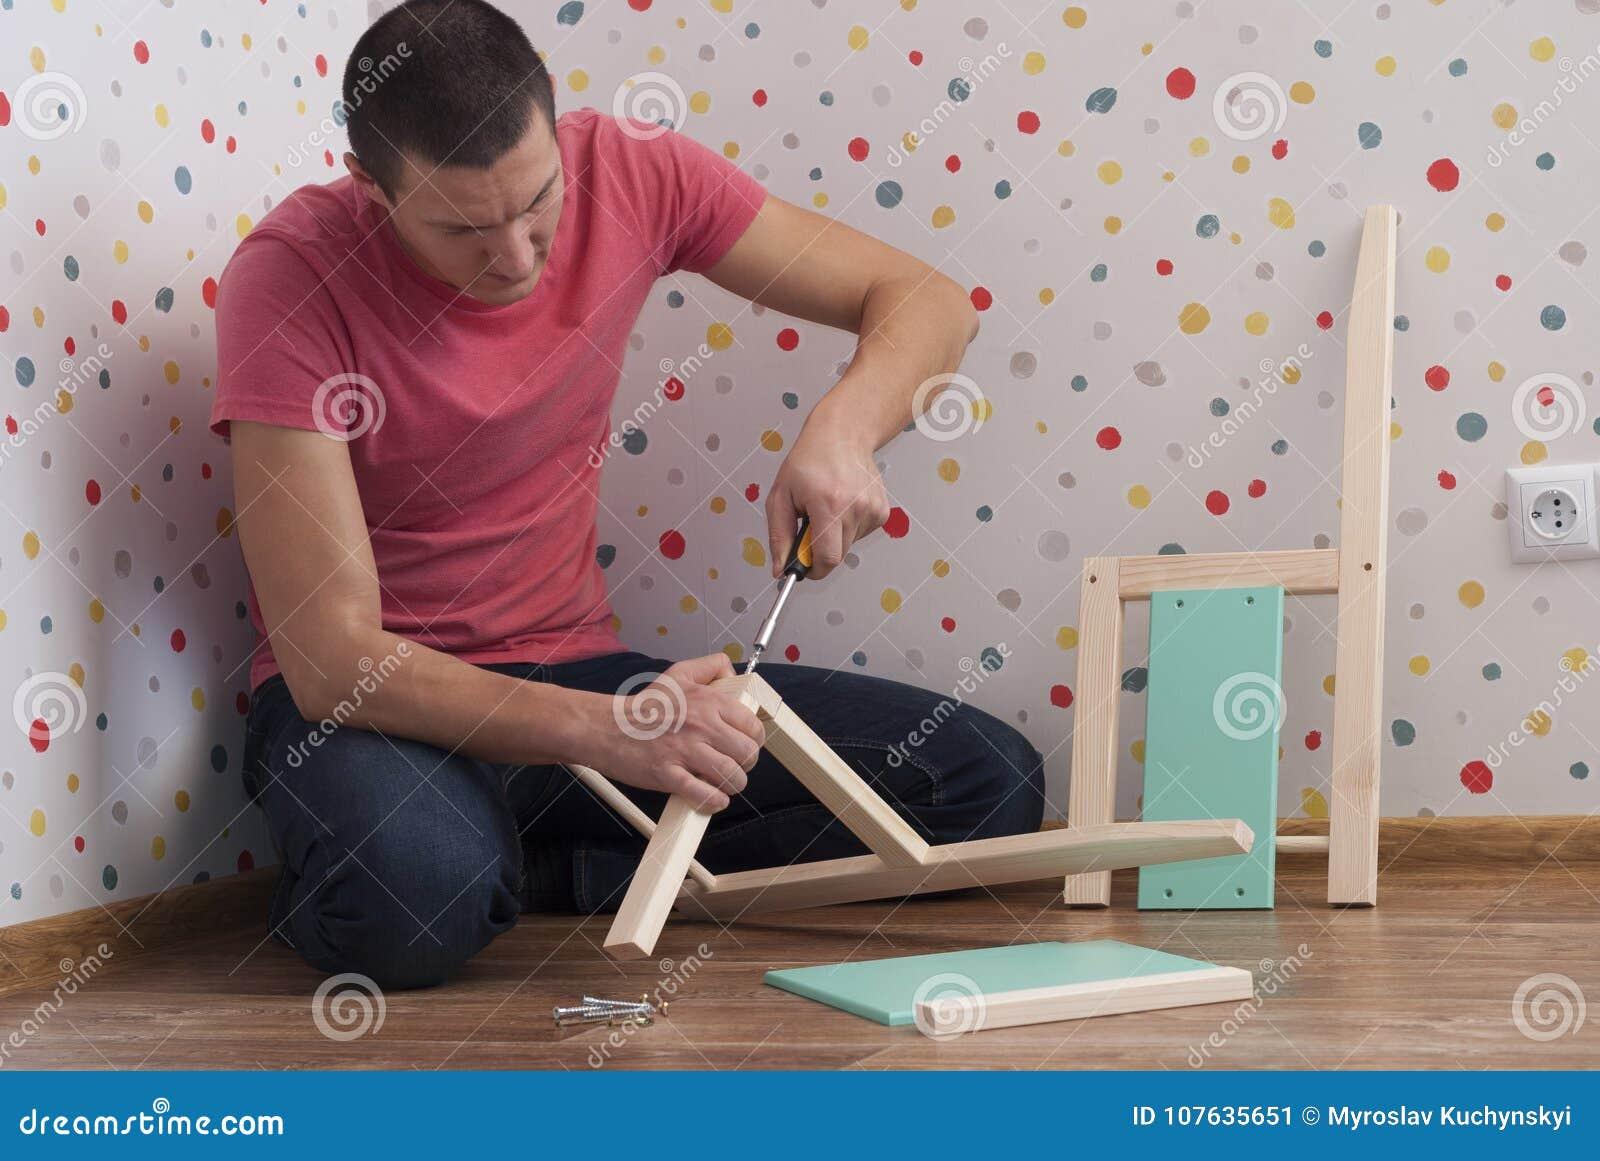 Ο πατέρας συγκεντρώνει μια καρέκλα για τα παιδιά